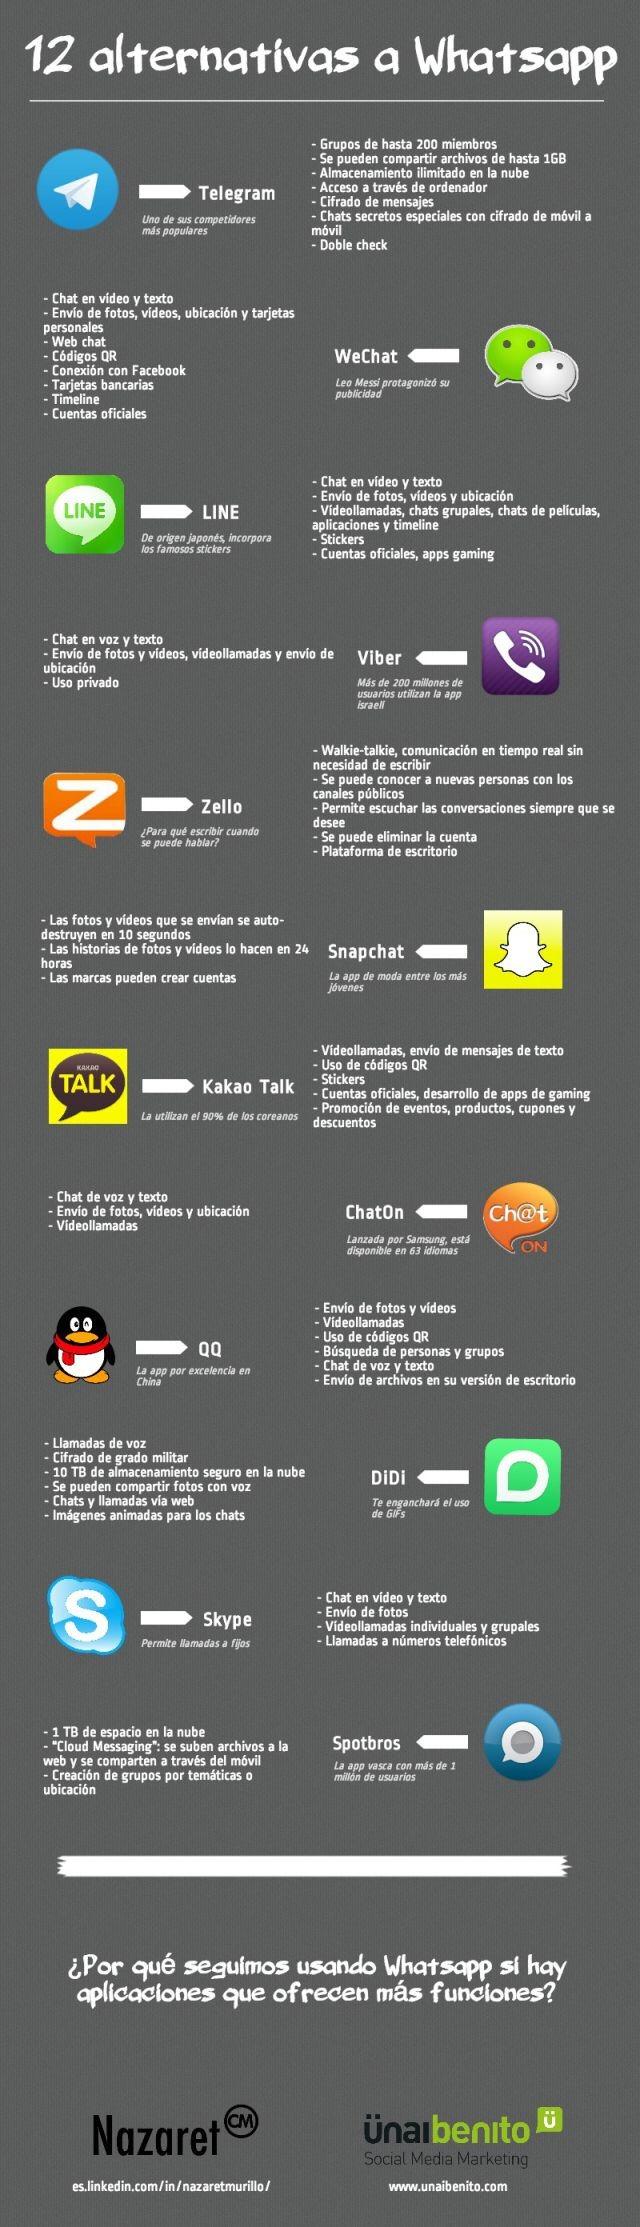 Whatsapp las 12 alternativas en una infografía